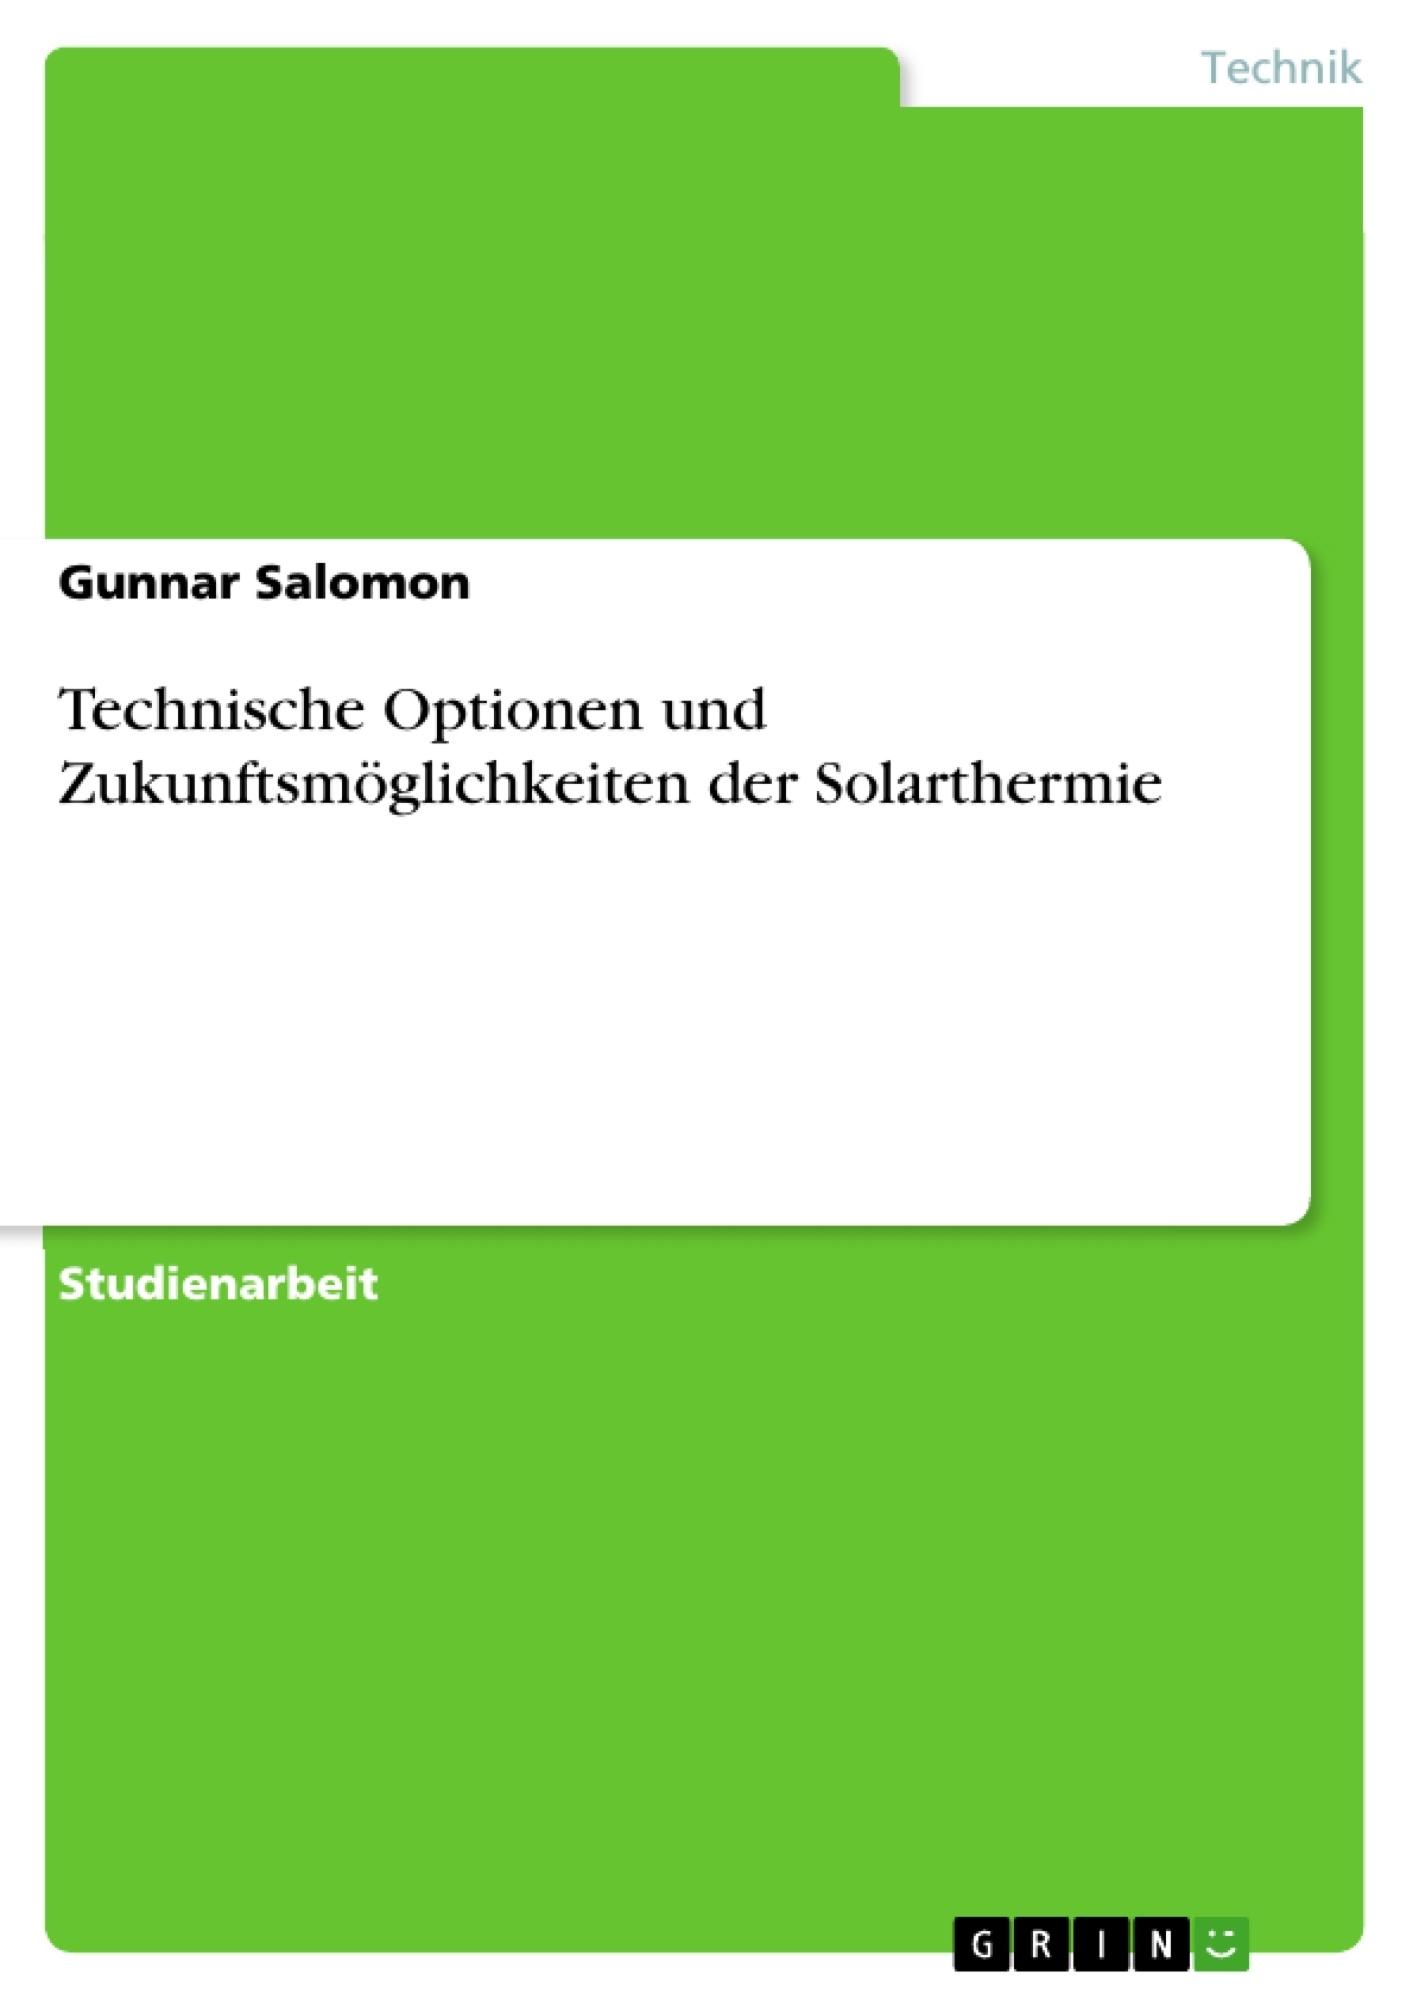 Titel: Technische Optionen und Zukunftsmöglichkeiten der Solarthermie